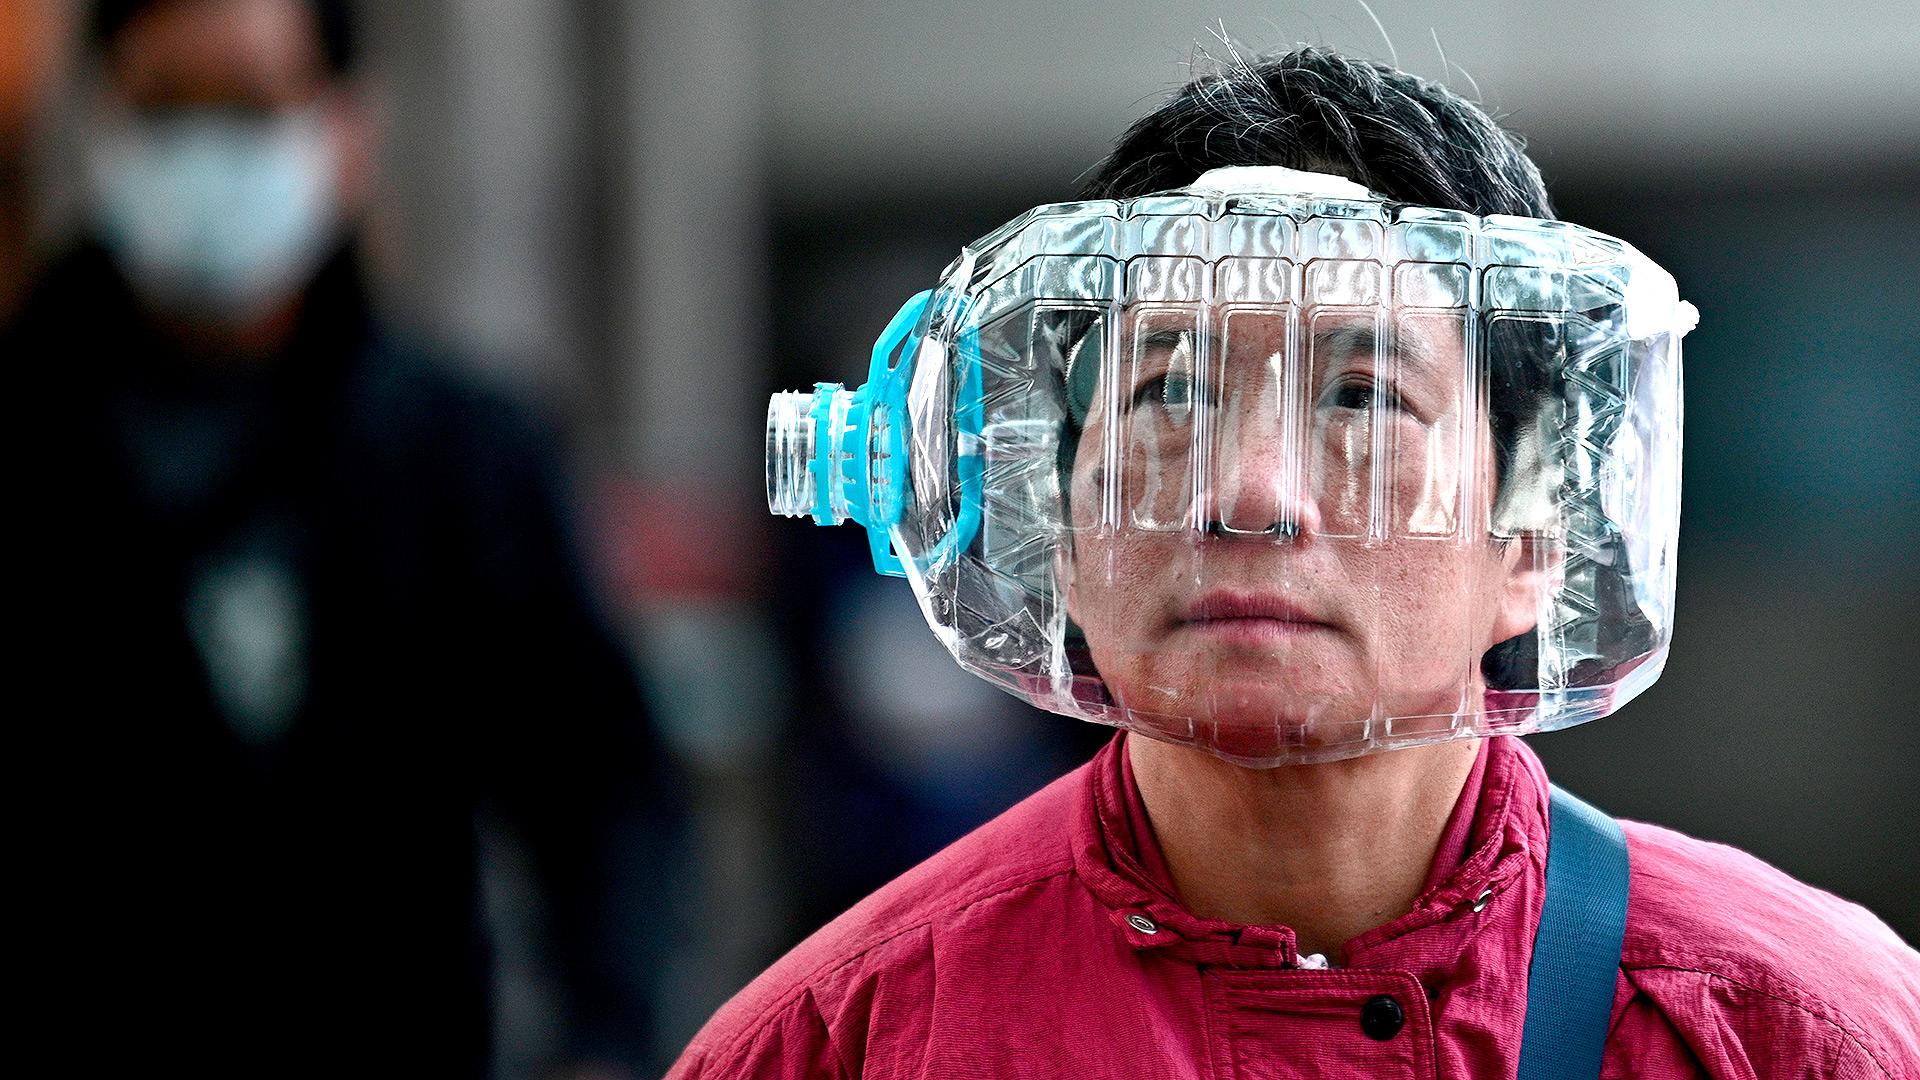 Una mujer usa una botella de agua de plástico con un recorte para cubrirse la cara, mientras camina por una pasarela en Hong Kong el 31 de enero de 2020, como medida preventiva después de un brote de virus que comenzó en la ciudad china de Wuhan (Anthony WALLACE / AFP)